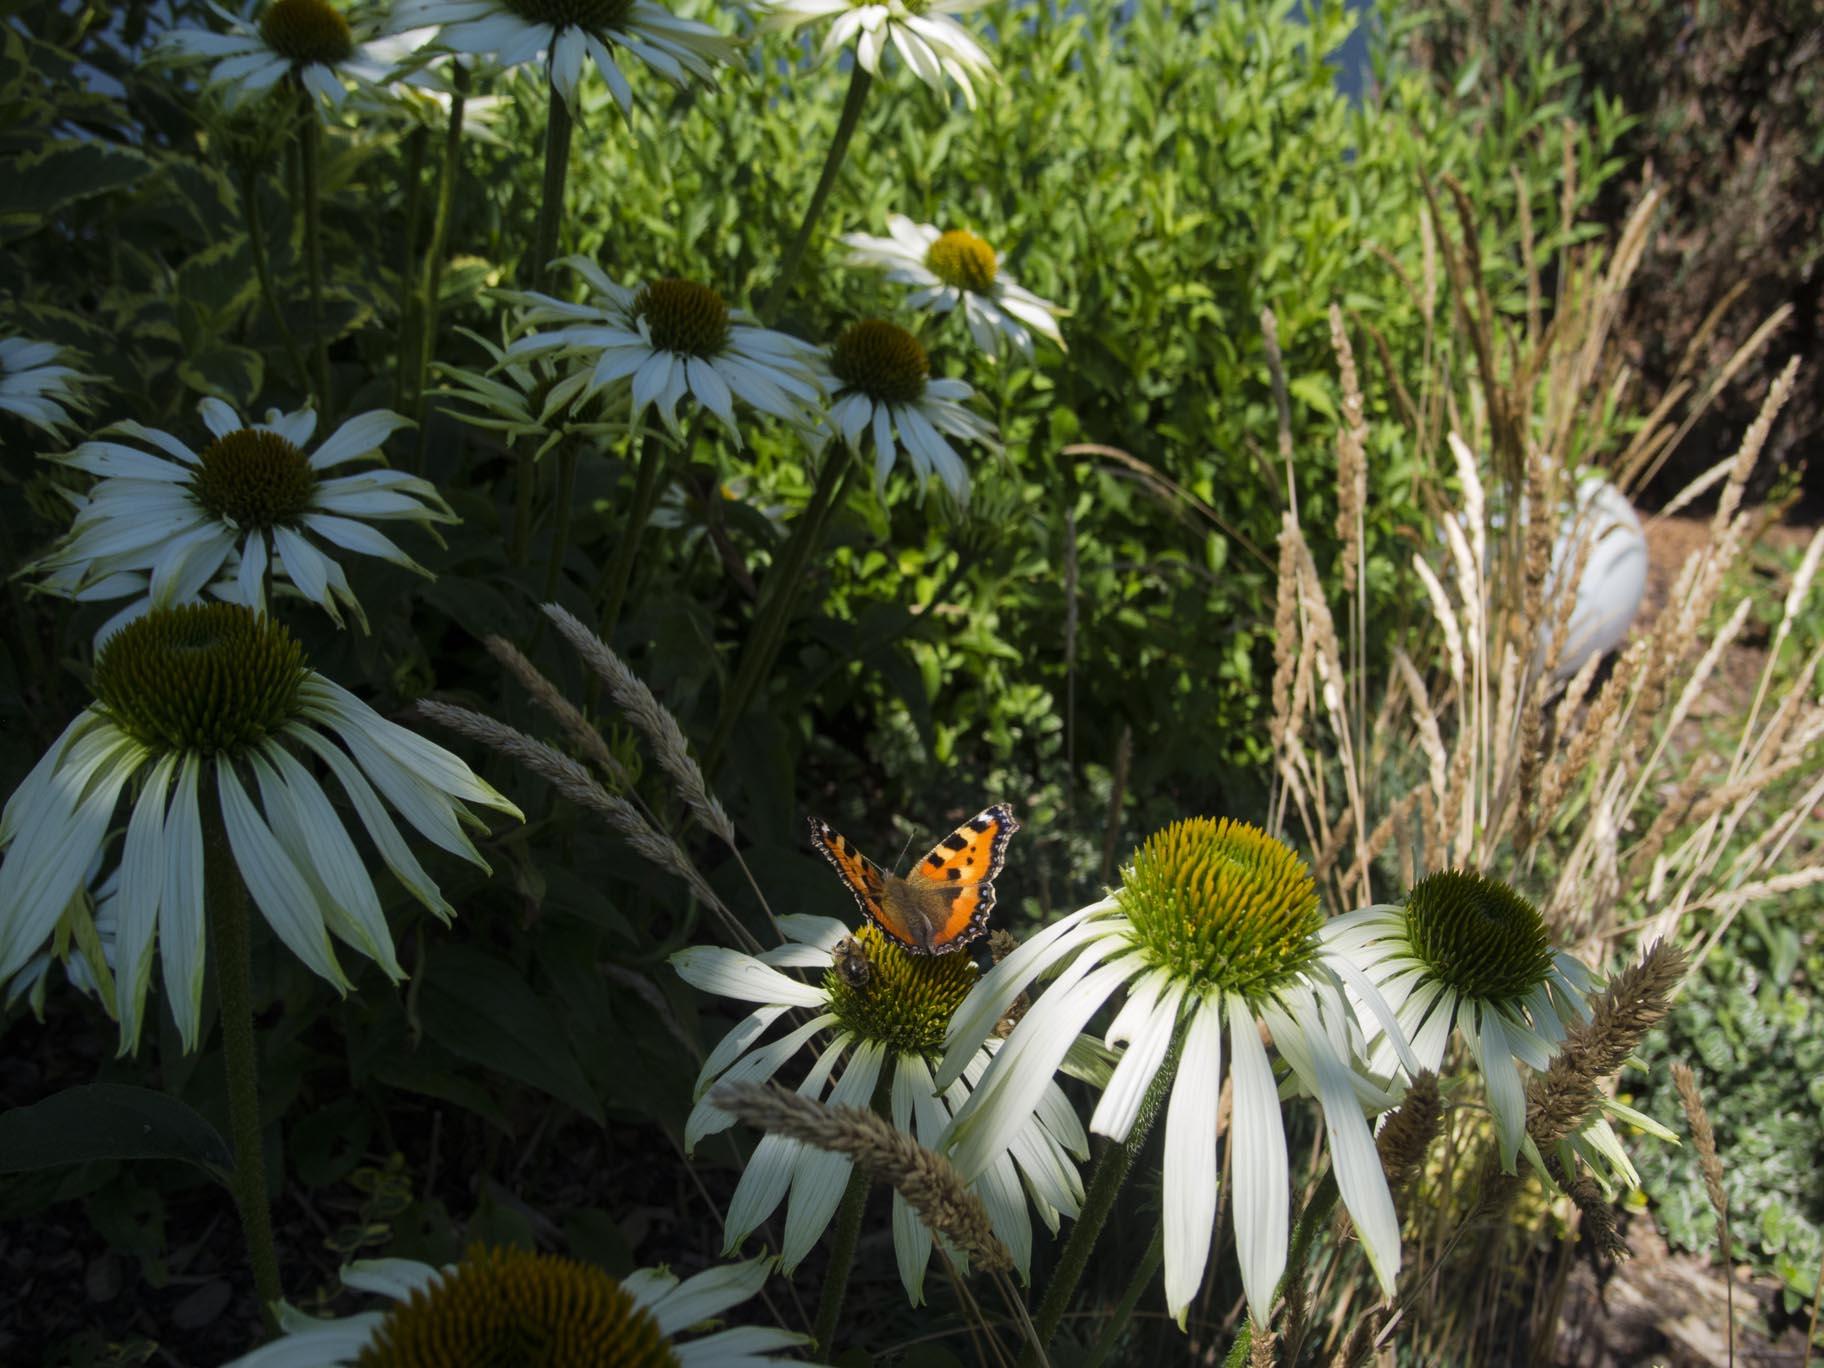 Garten, Schmetterling, Kleiner Fuchs